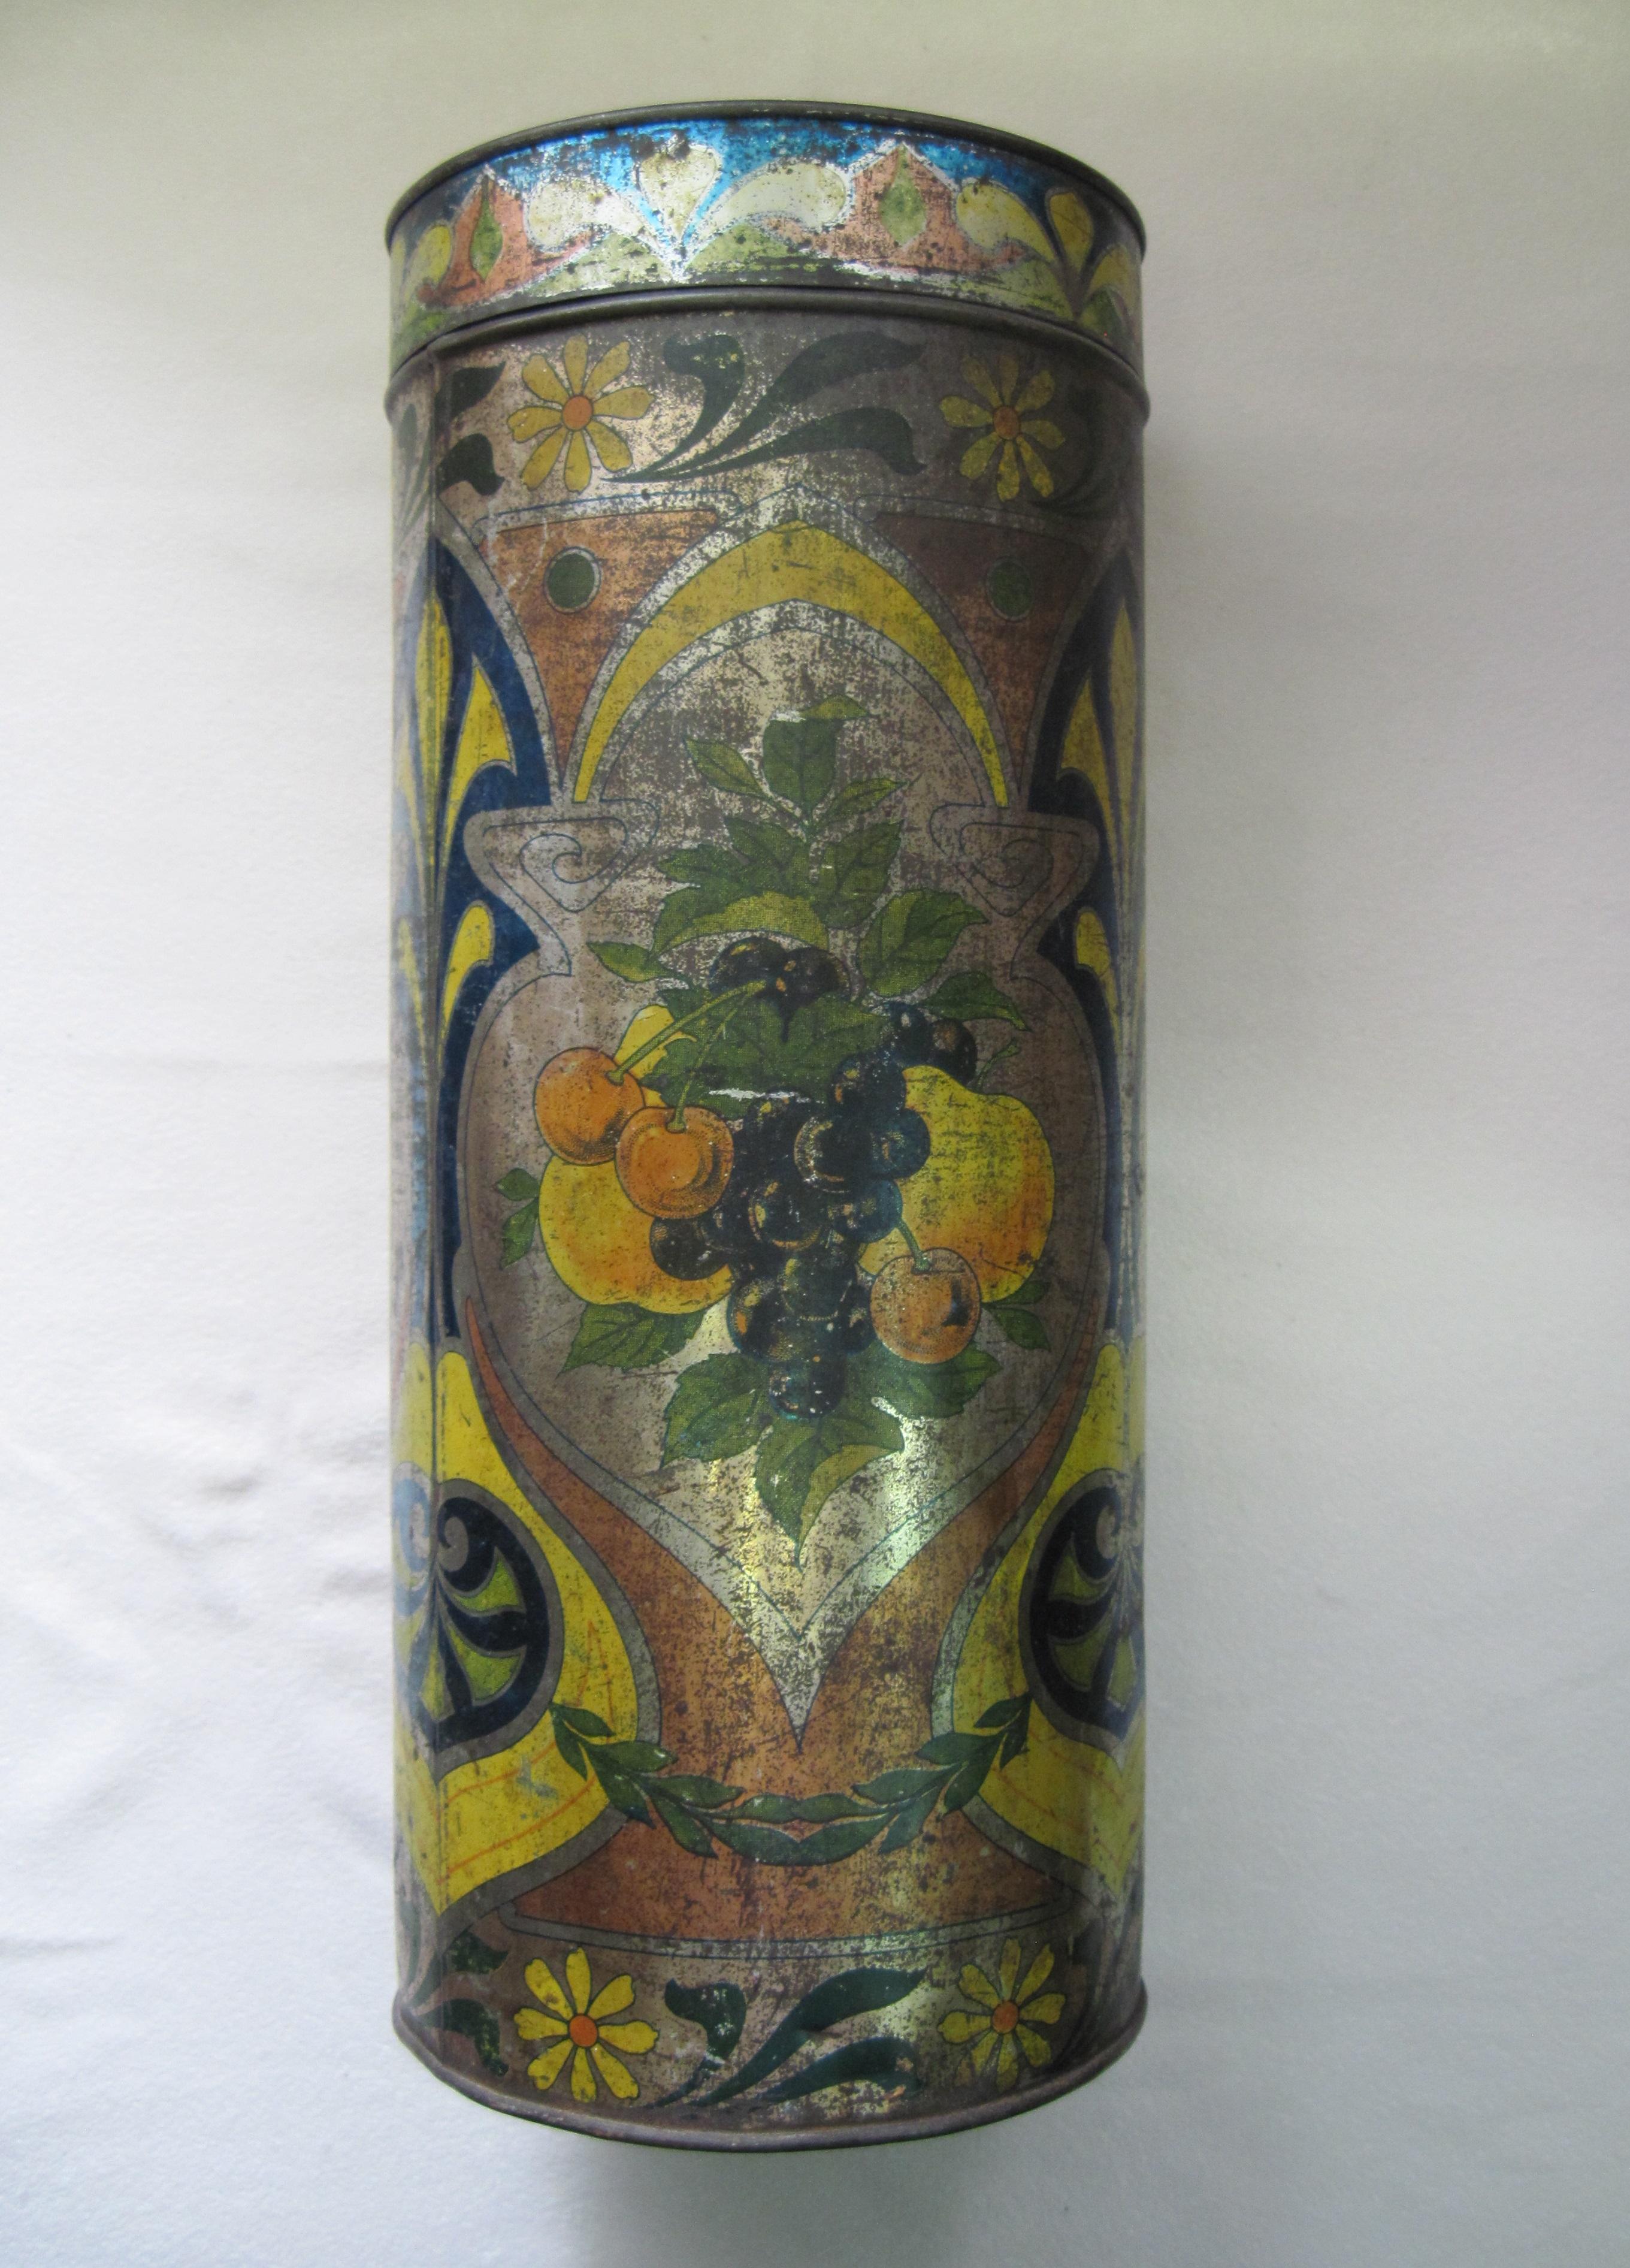 Банка цилиндрической формы со съемной крышкой. Изображение фруктов, цветочный орнамент по основанию.